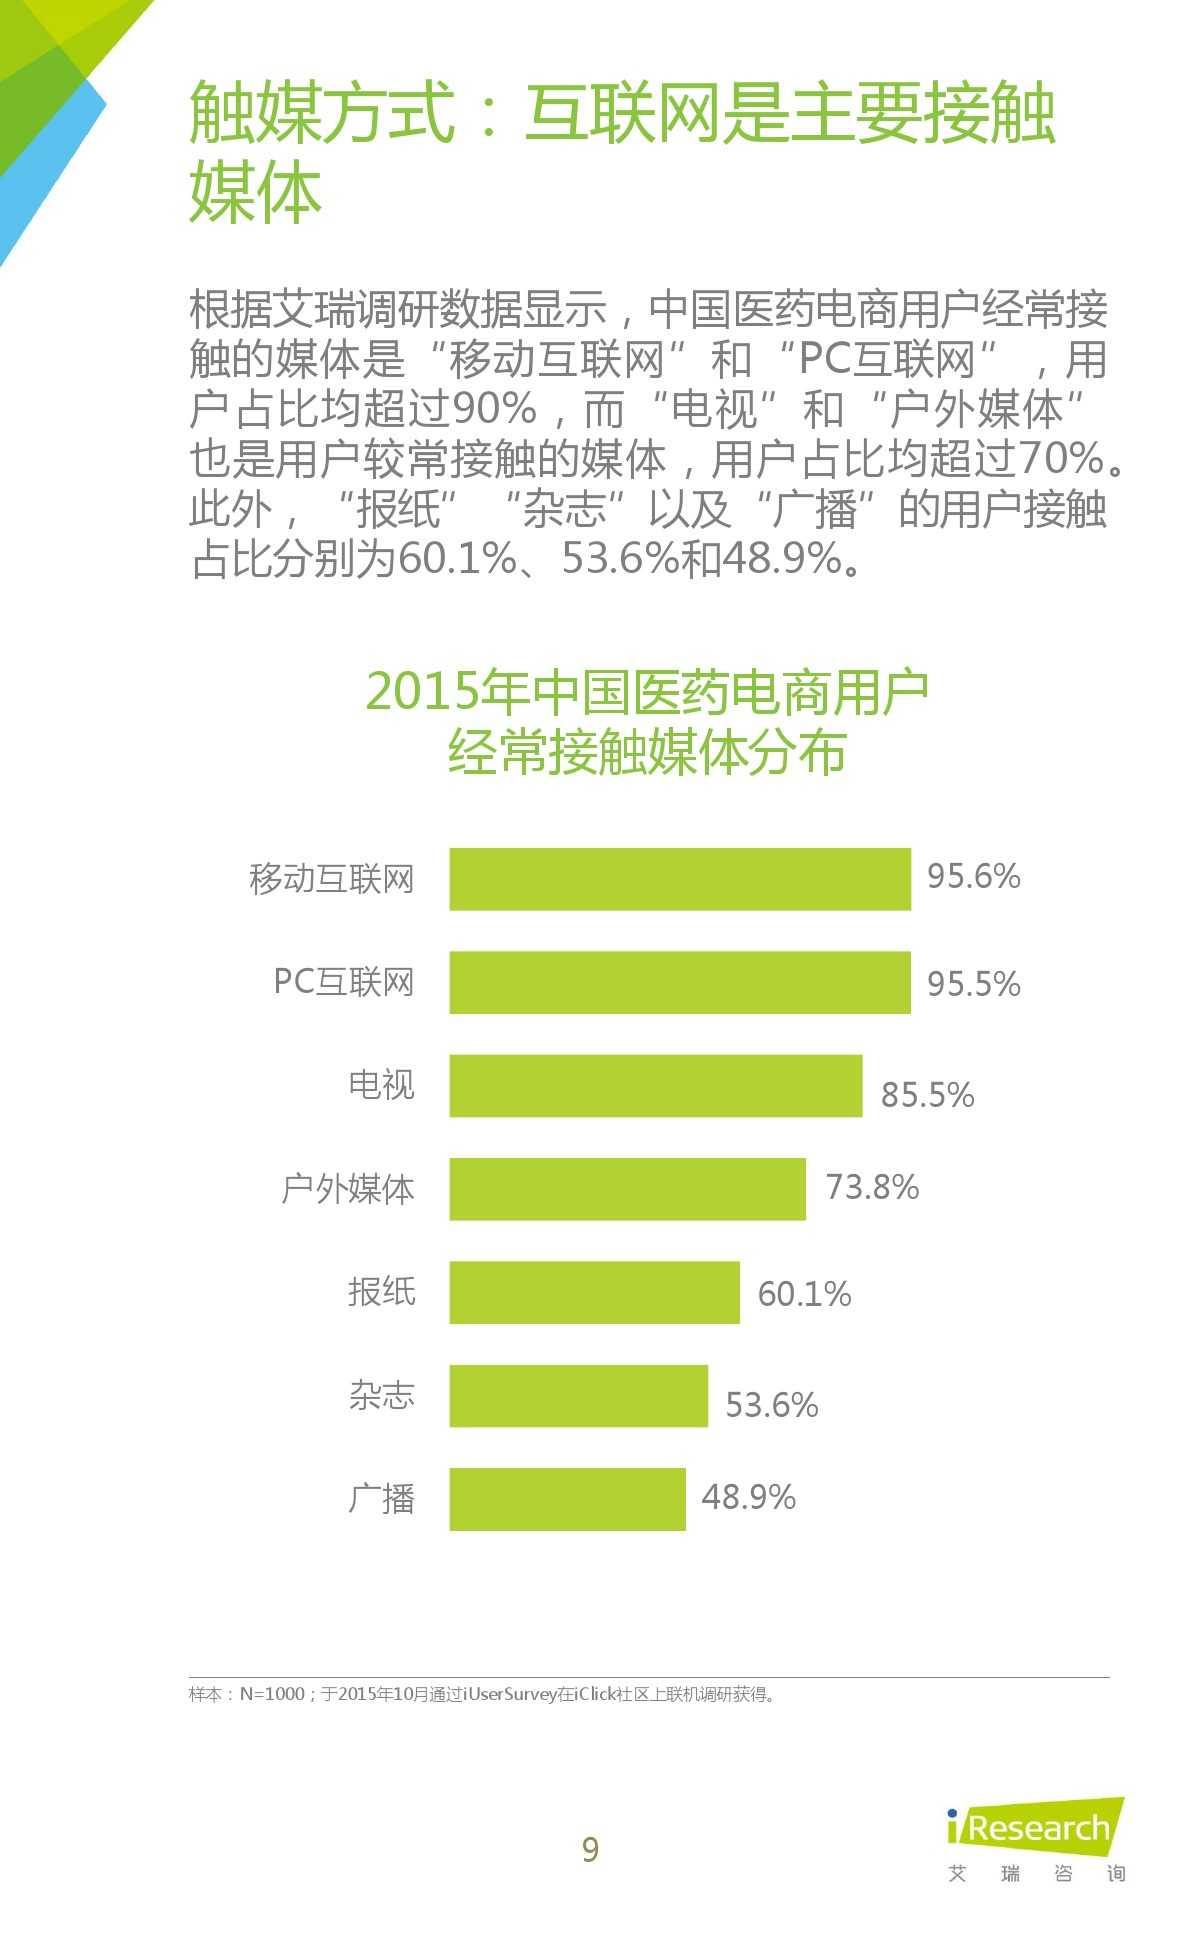 2015年中国医药电商用户行为研究报告_000009